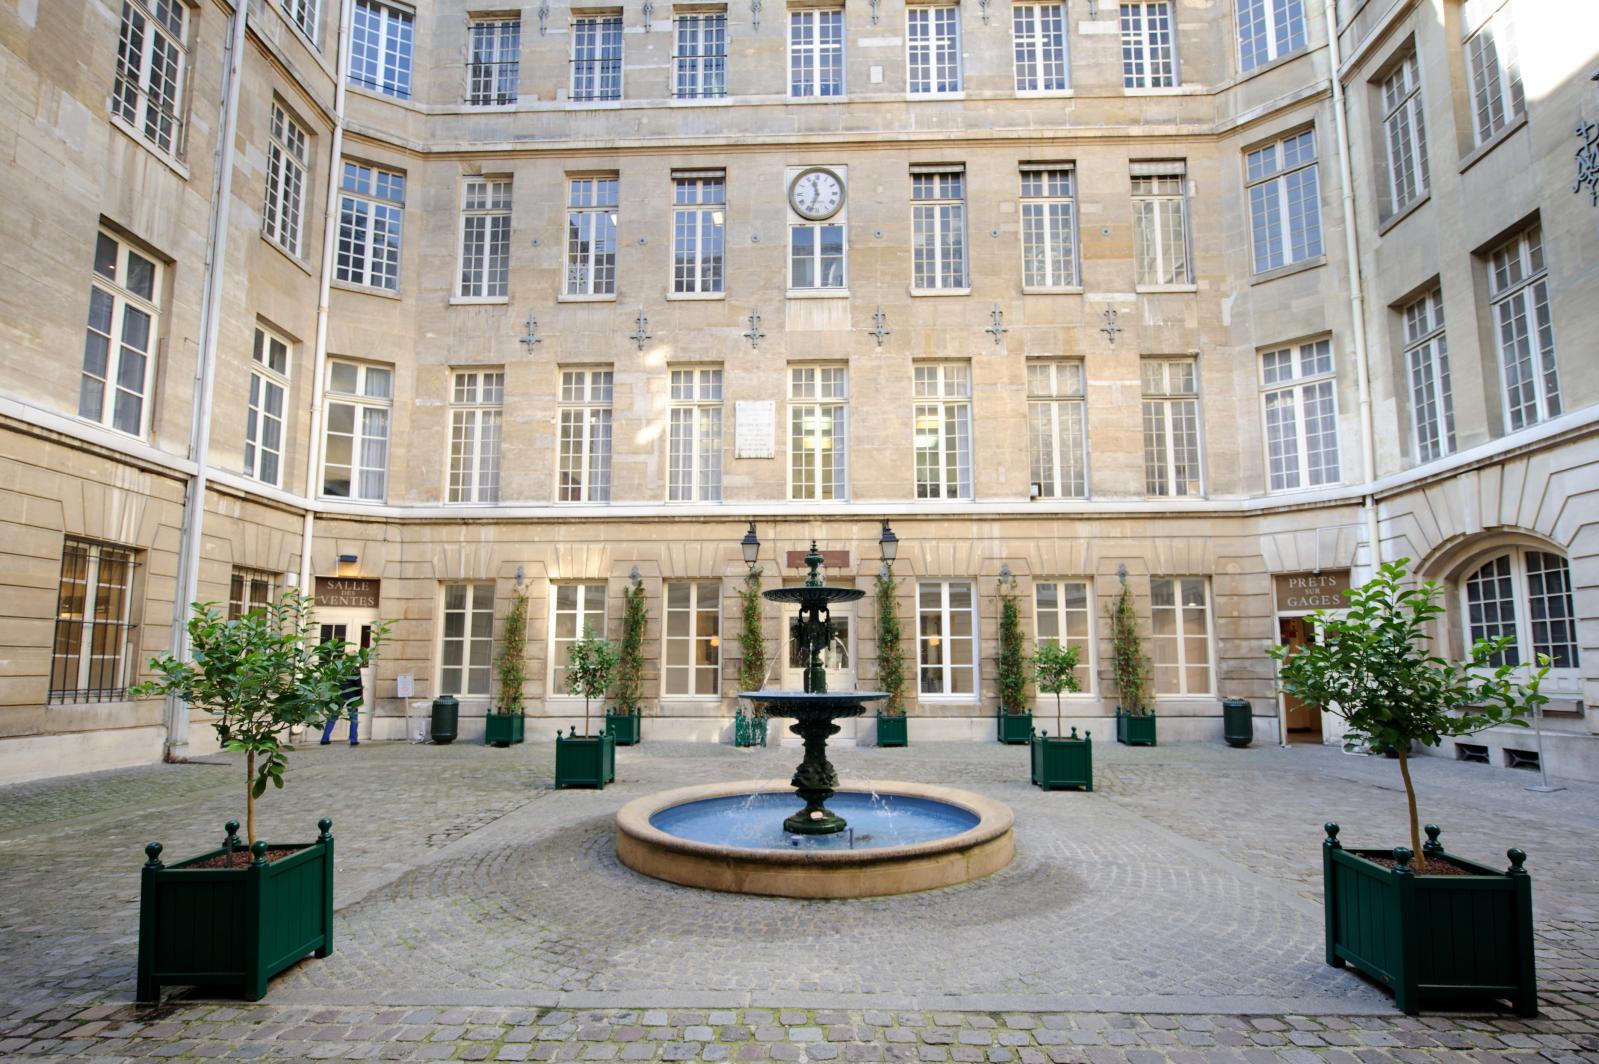 La cour Framboisier de Beaunay, ouvrant d'un côté sur la salle de prêt sur gage, de l'autre sur la salle des ventes.